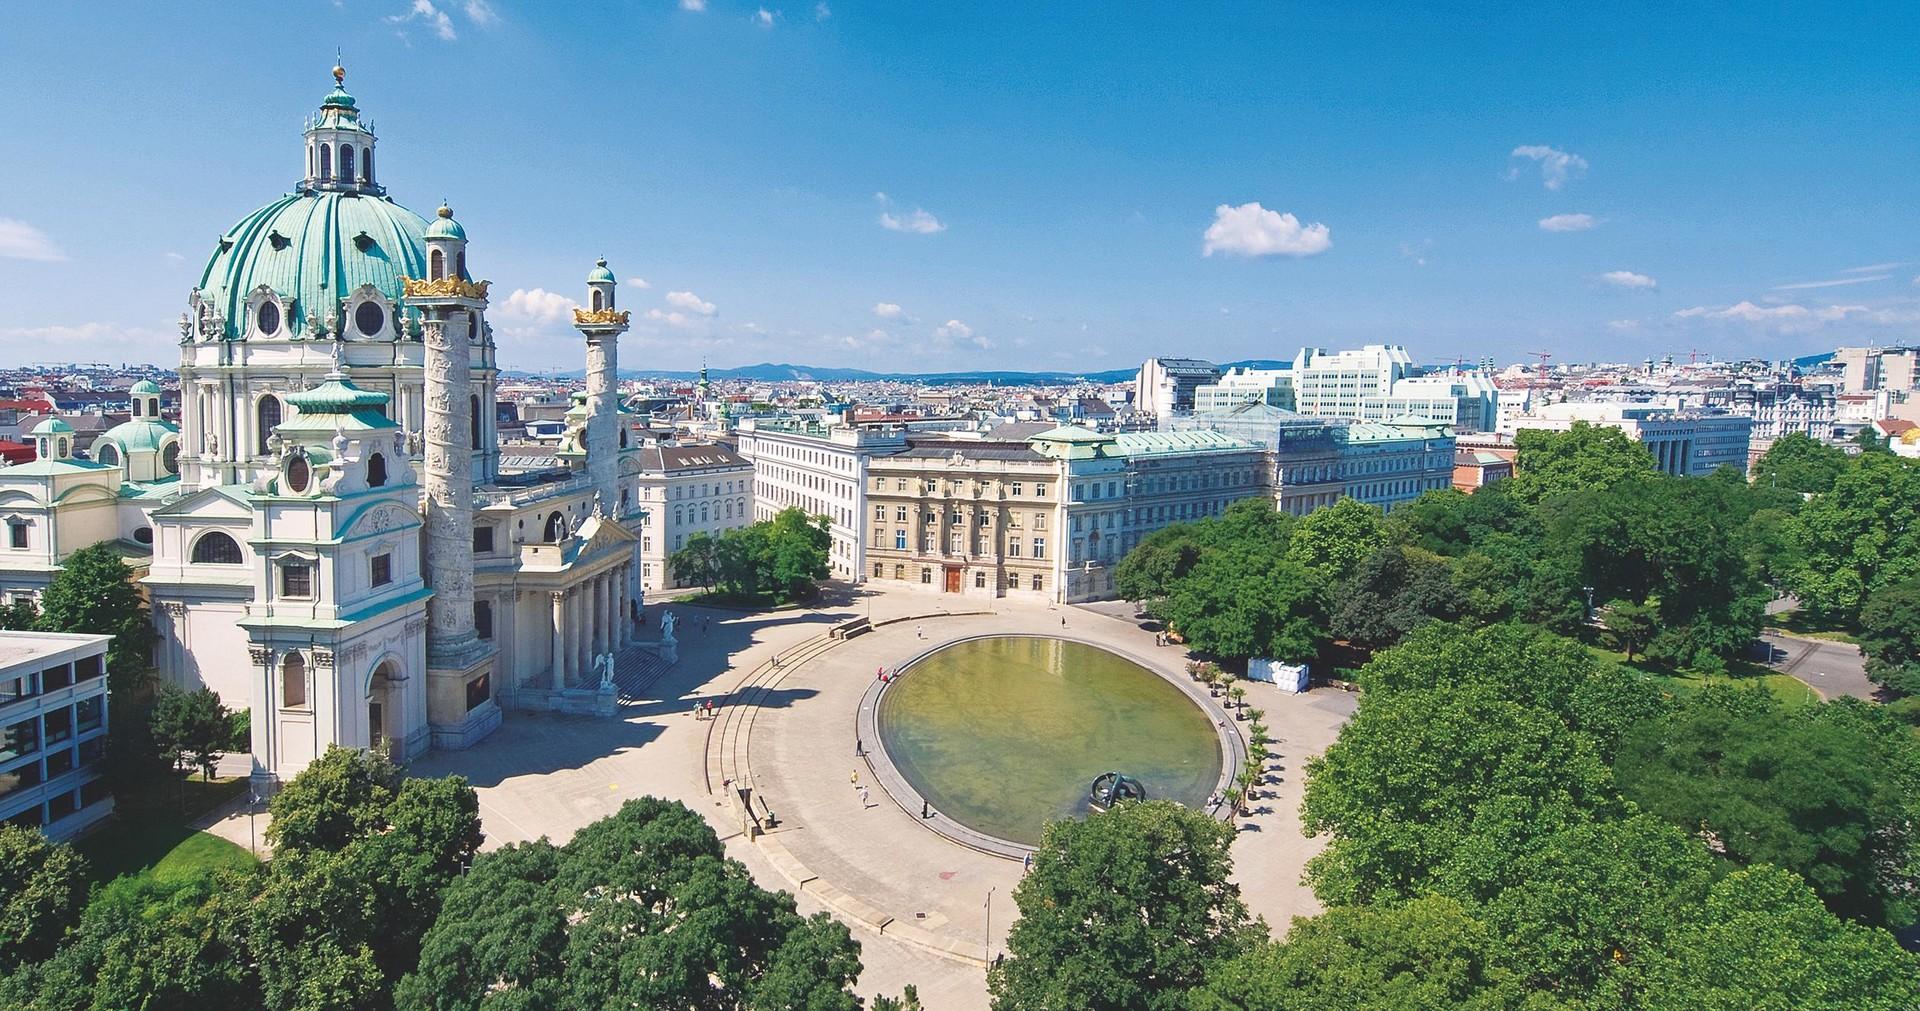 Erasmusowe doświadczenie z Wiednia, Austria oczami Matija